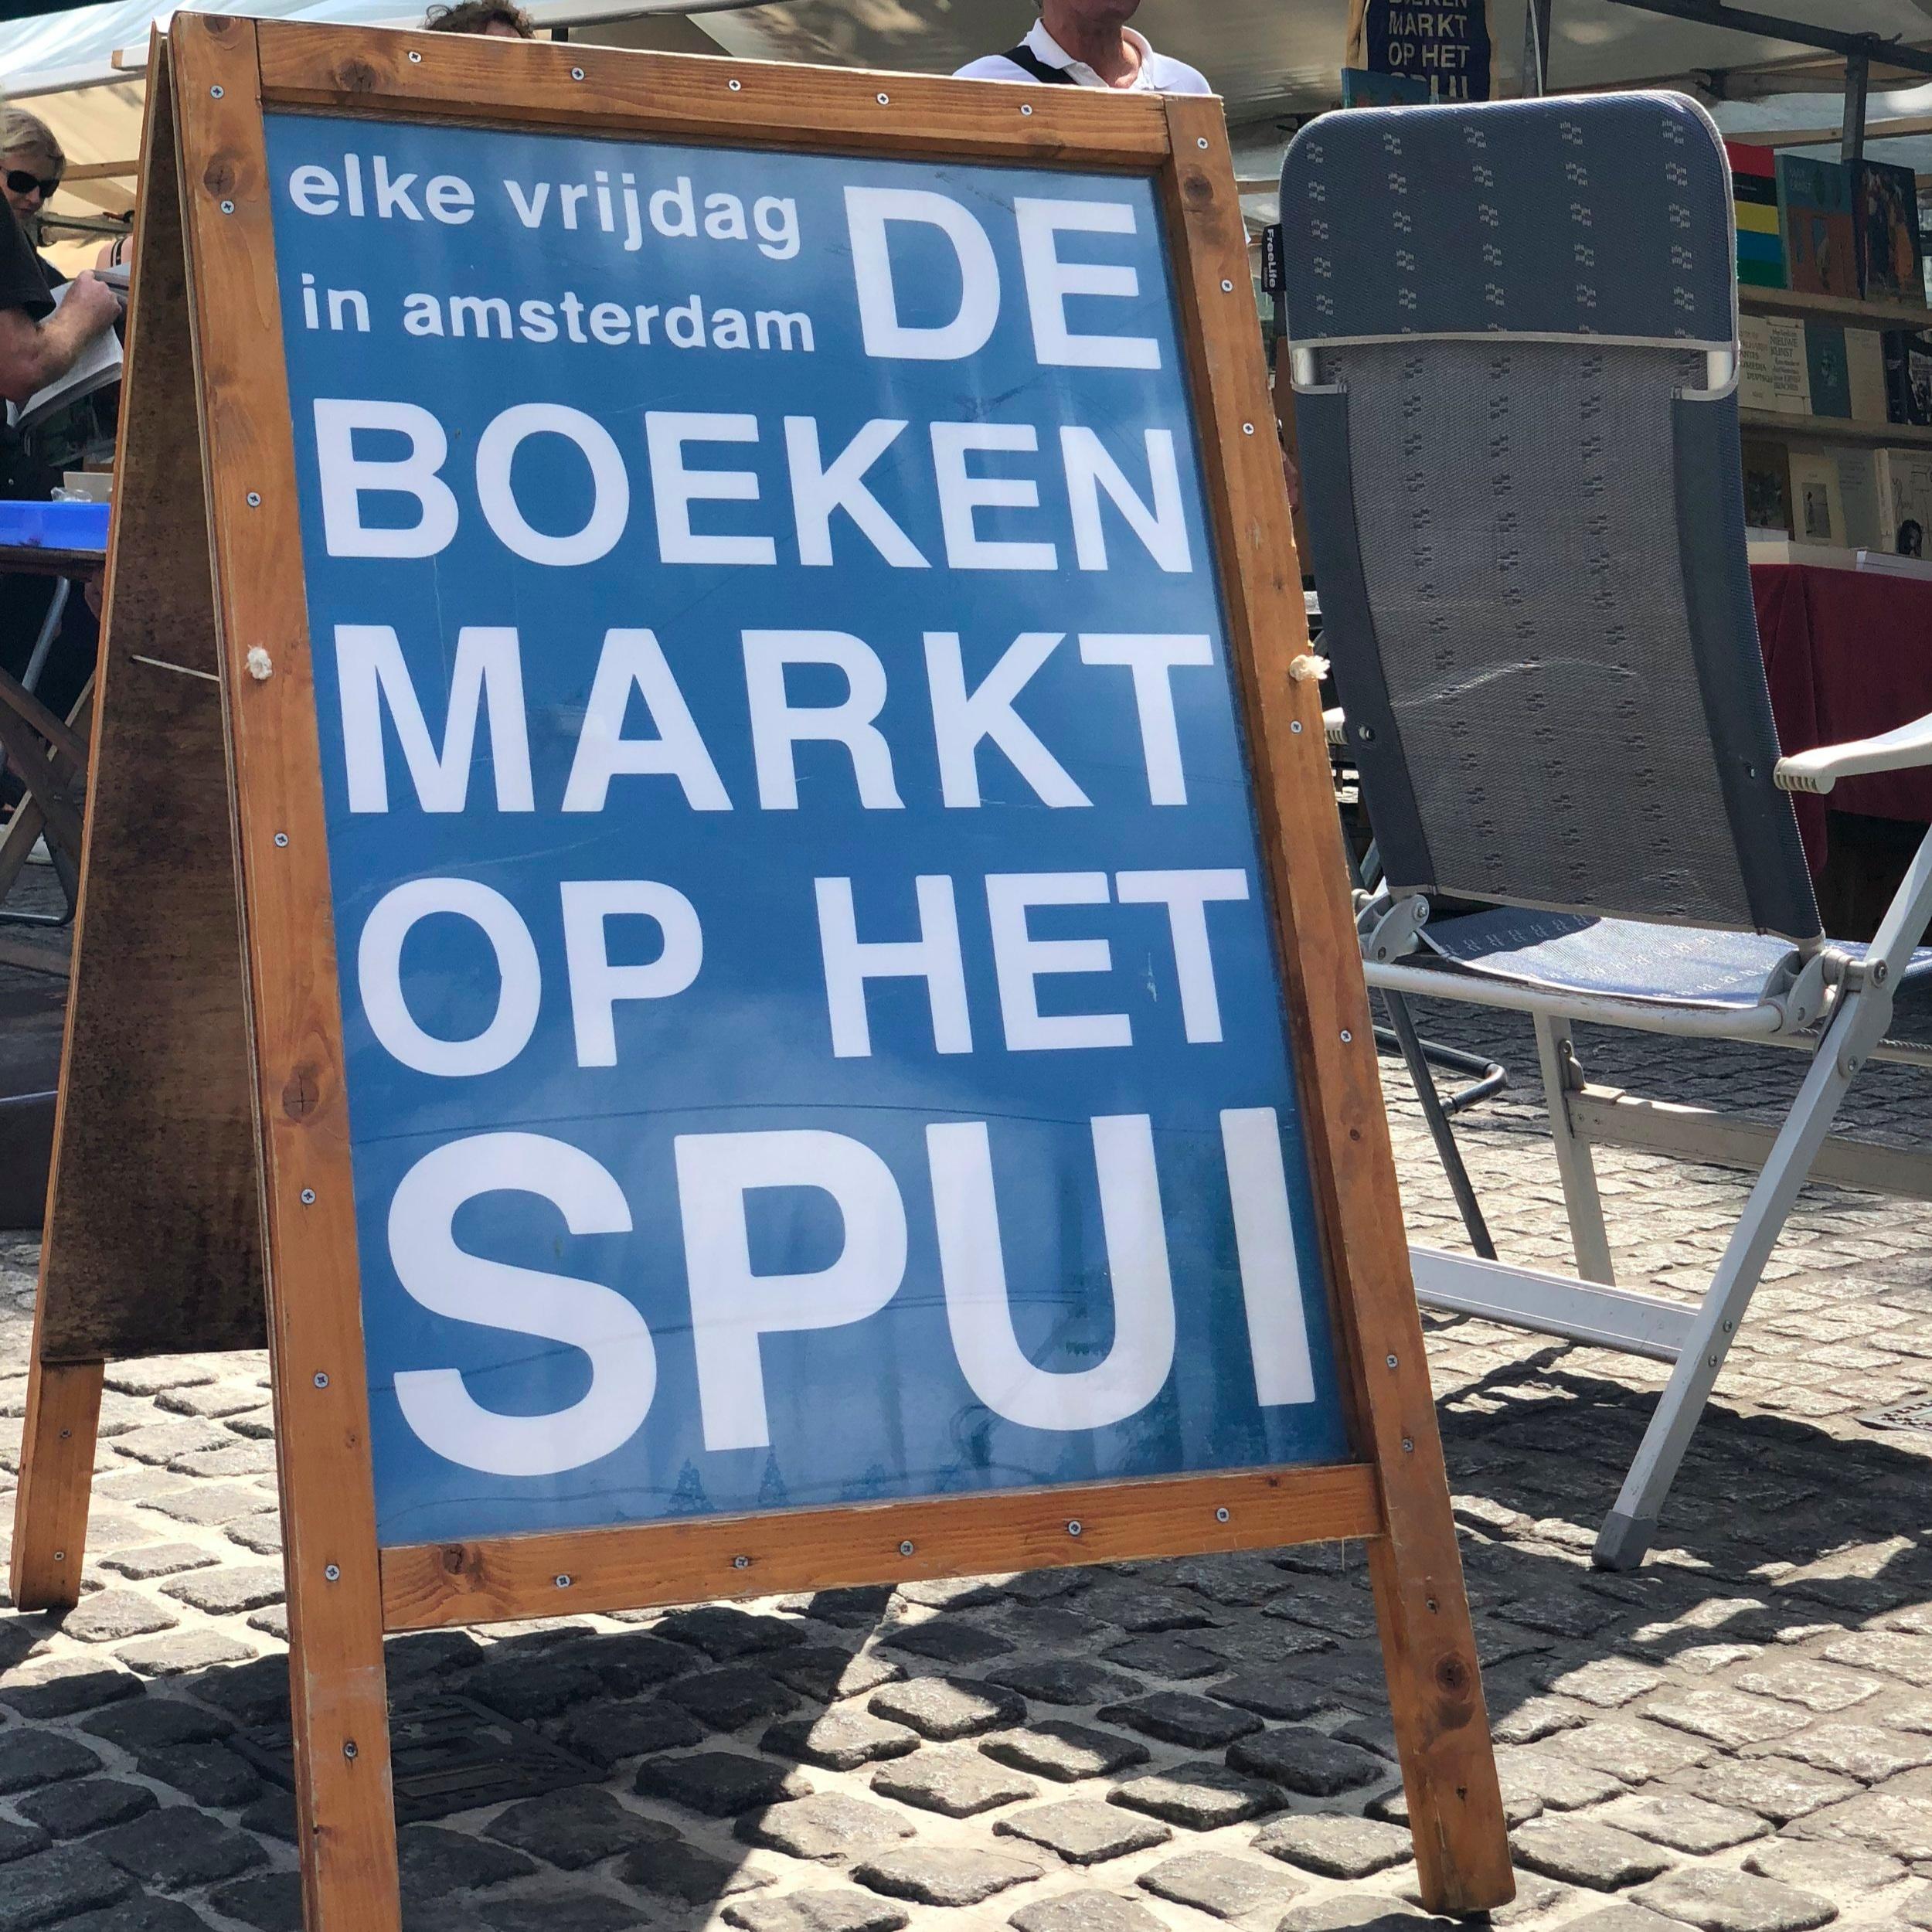 A famosa placa que sinaliza a feira de livros na Praça Spui.